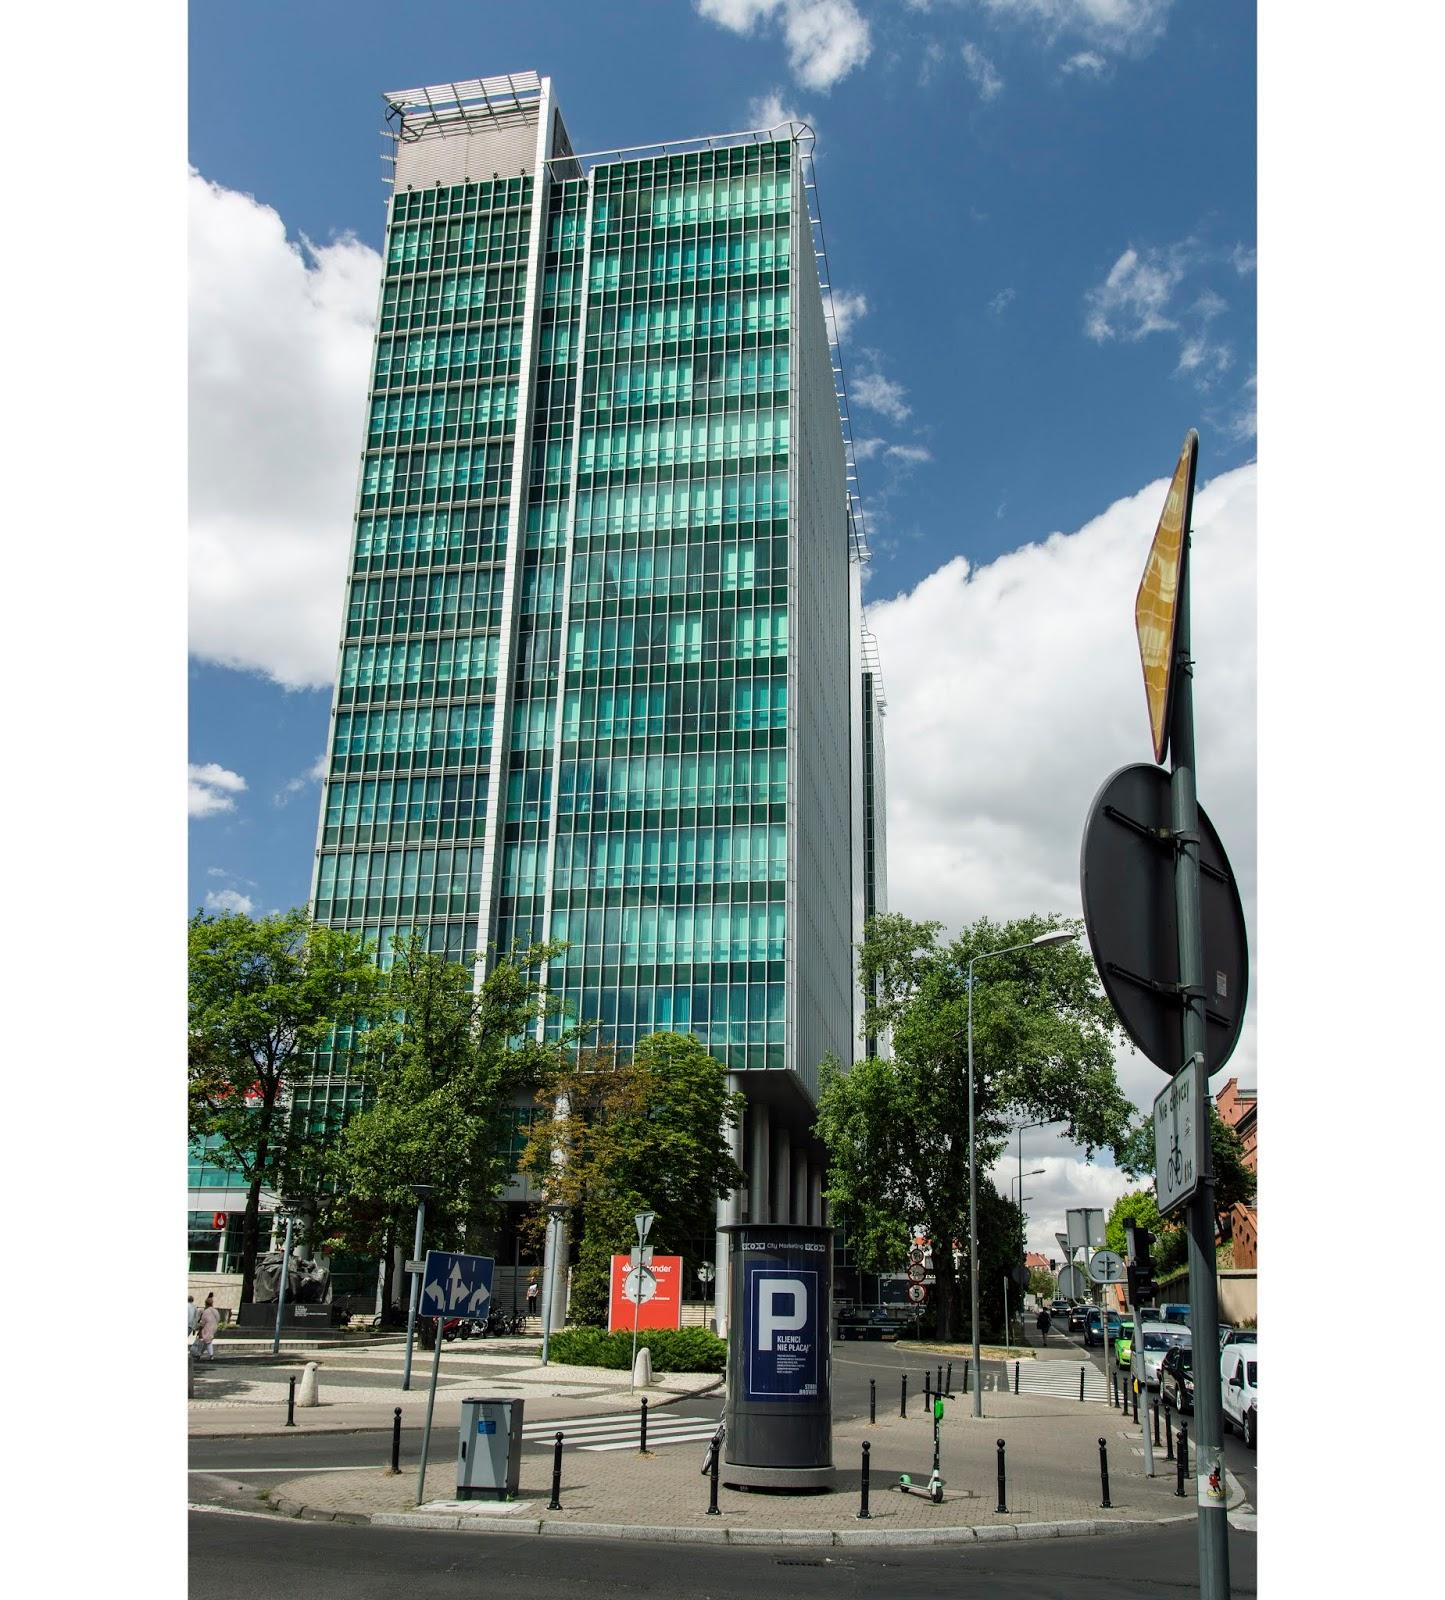 Szklana fasada budynku Financial Centre. Mieniąca się w słońcu na niebiesko tafla szkła z elementami stalowymi. Dominujące pociągłe pionowe linie. Na pierwszym planie słup ogłoszeniowy.